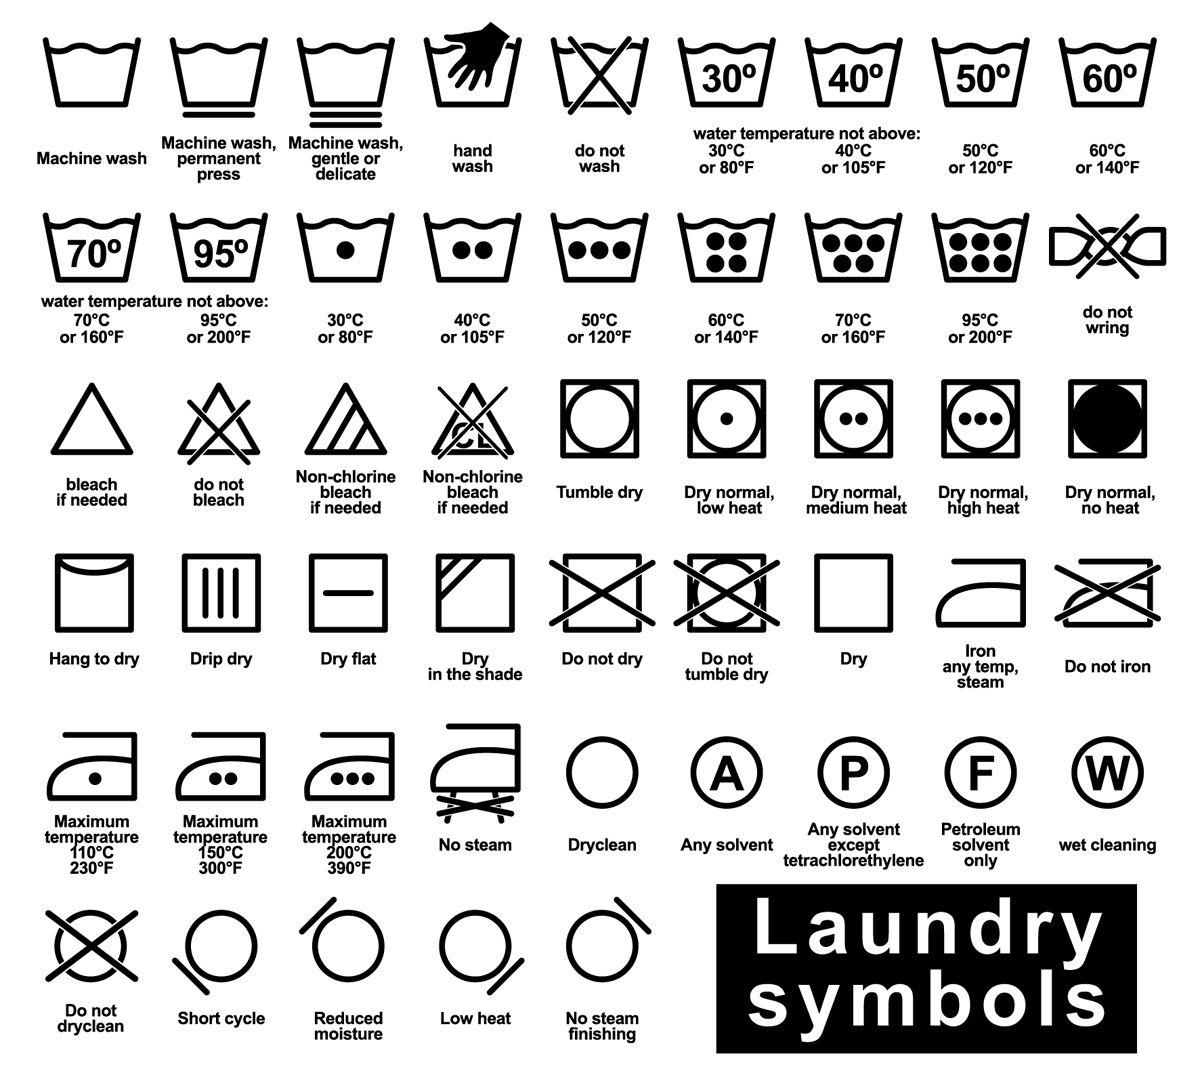 Laundry symbols laundry symbols and life hacks laundry symbols buycottarizona